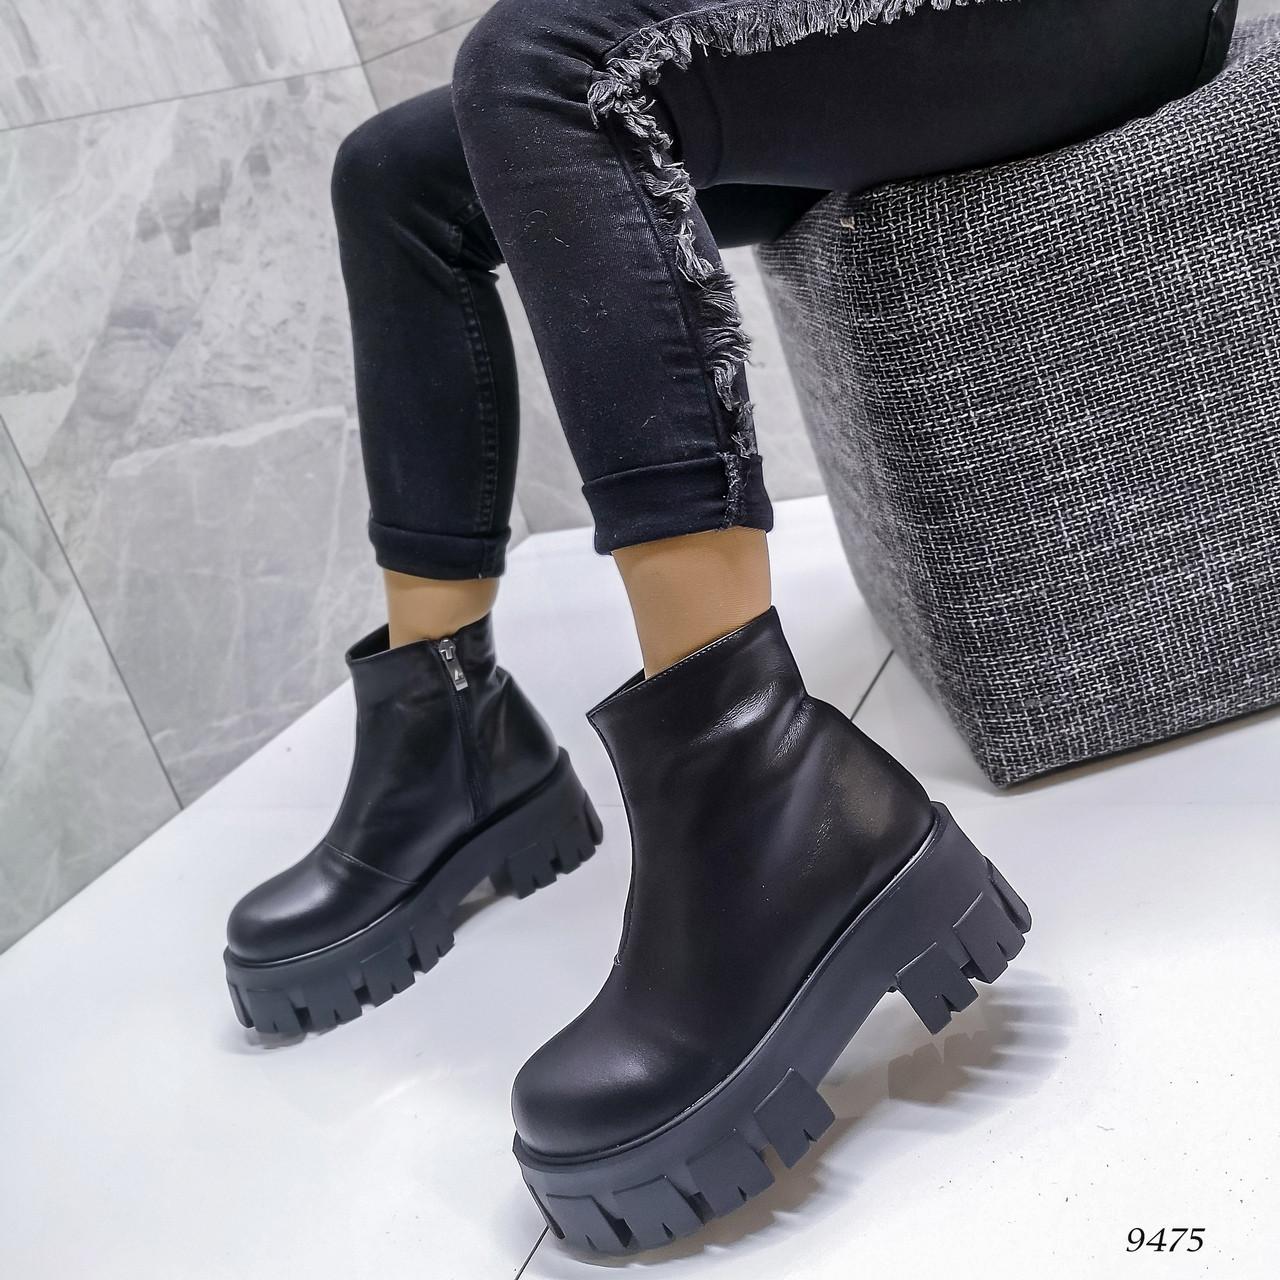 Женские Ботинки Elizabeth Цвет -Черный Материал - Нат.кожа В наличии и под заказ